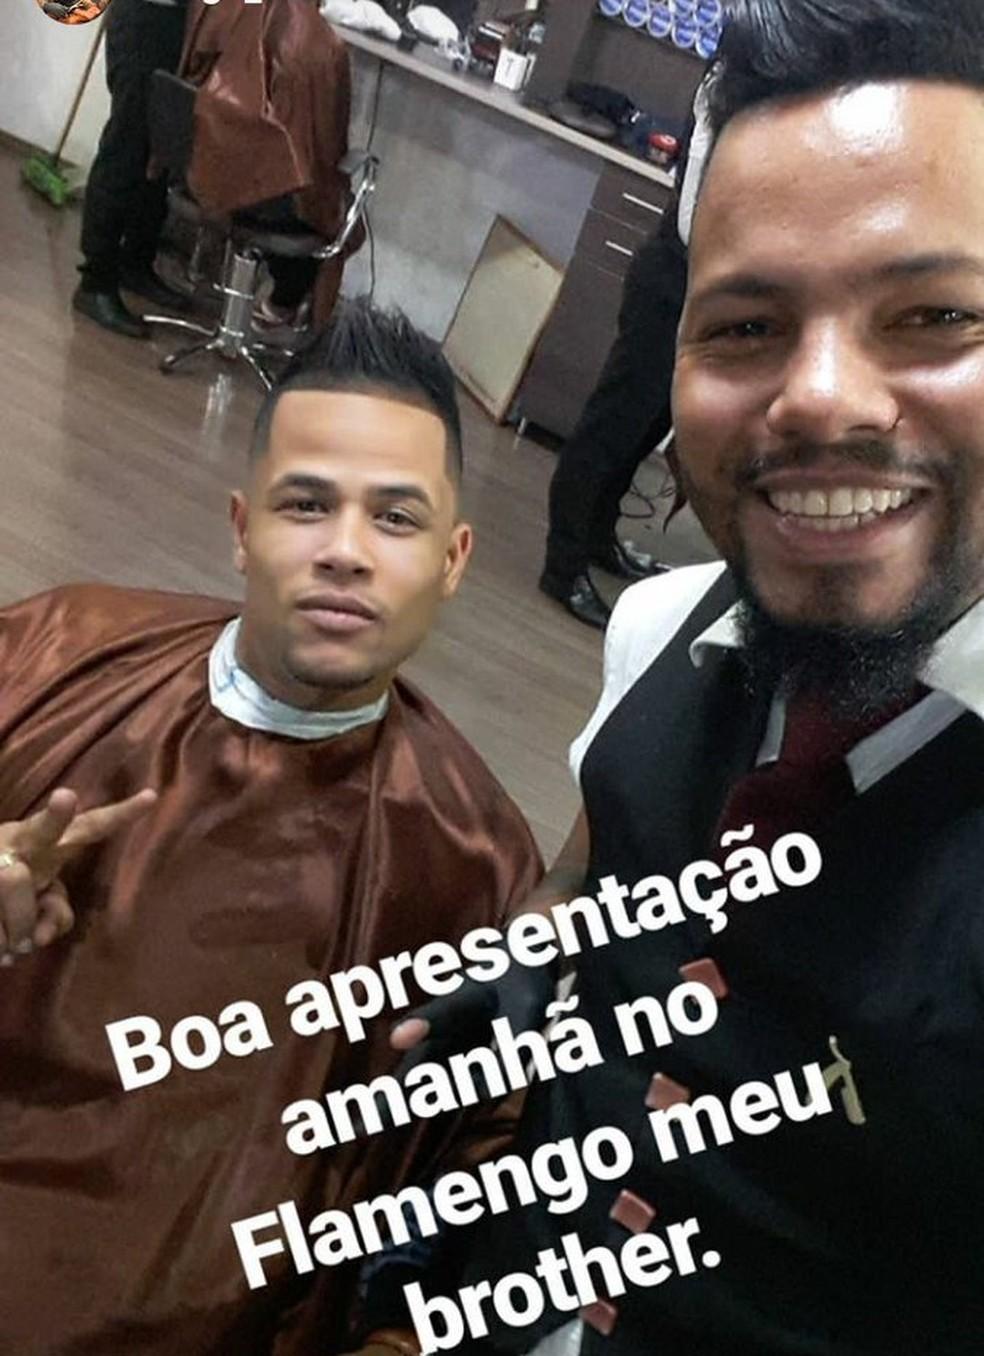 Barbeiro do Geuvânio publicou foto do atacante (Foto: twitter)